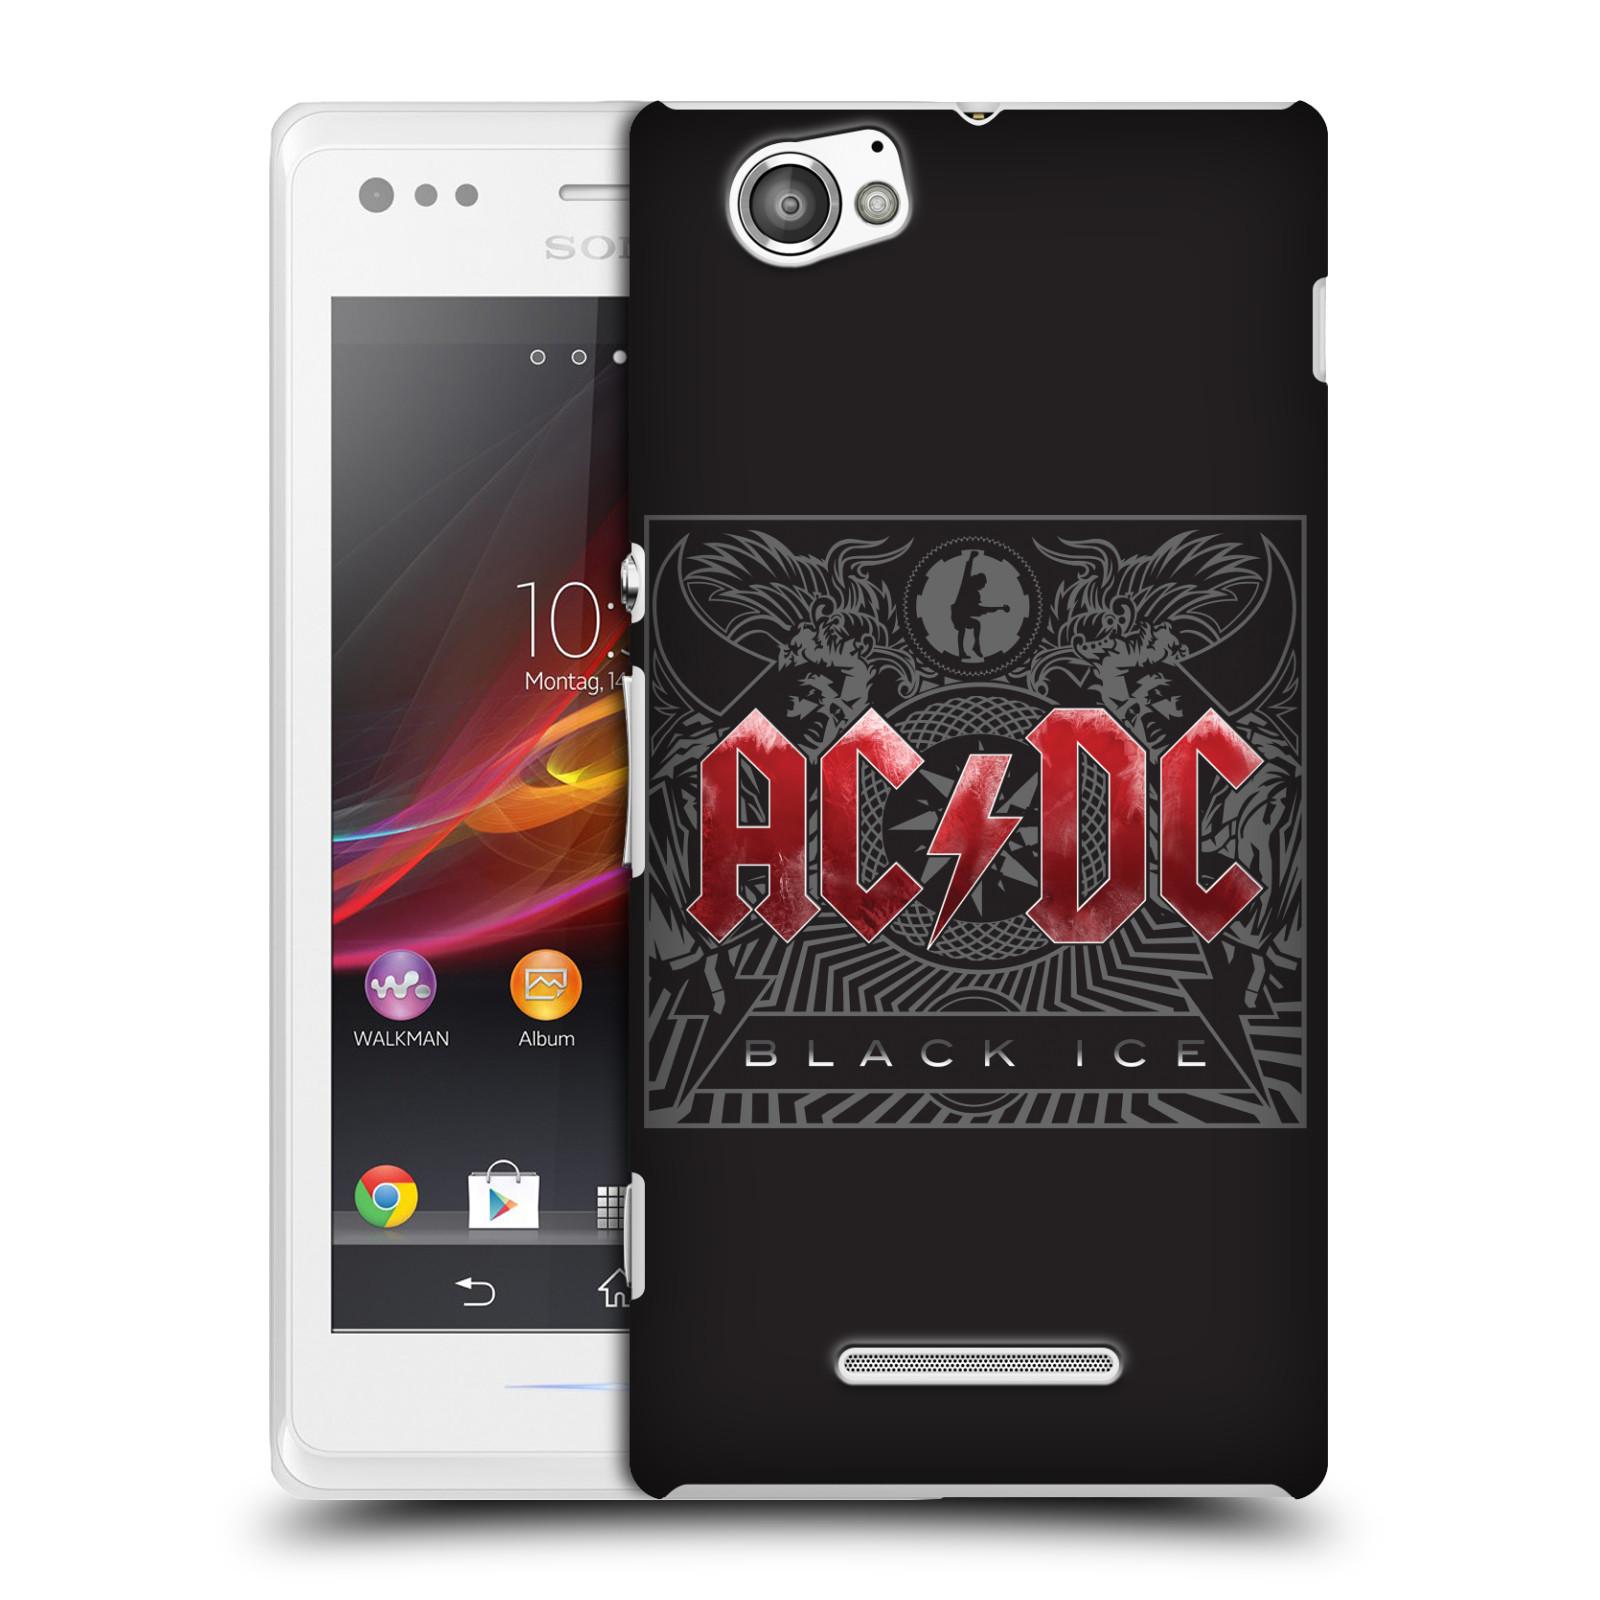 Plastové pouzdro na mobil Sony Xperia M C1905 HEAD CASE AC/DC Black Ice (Plastový kryt či obal na mobilní telefon s oficiálním motivem australské skupiny AC/DC pro Sony Xperia M )